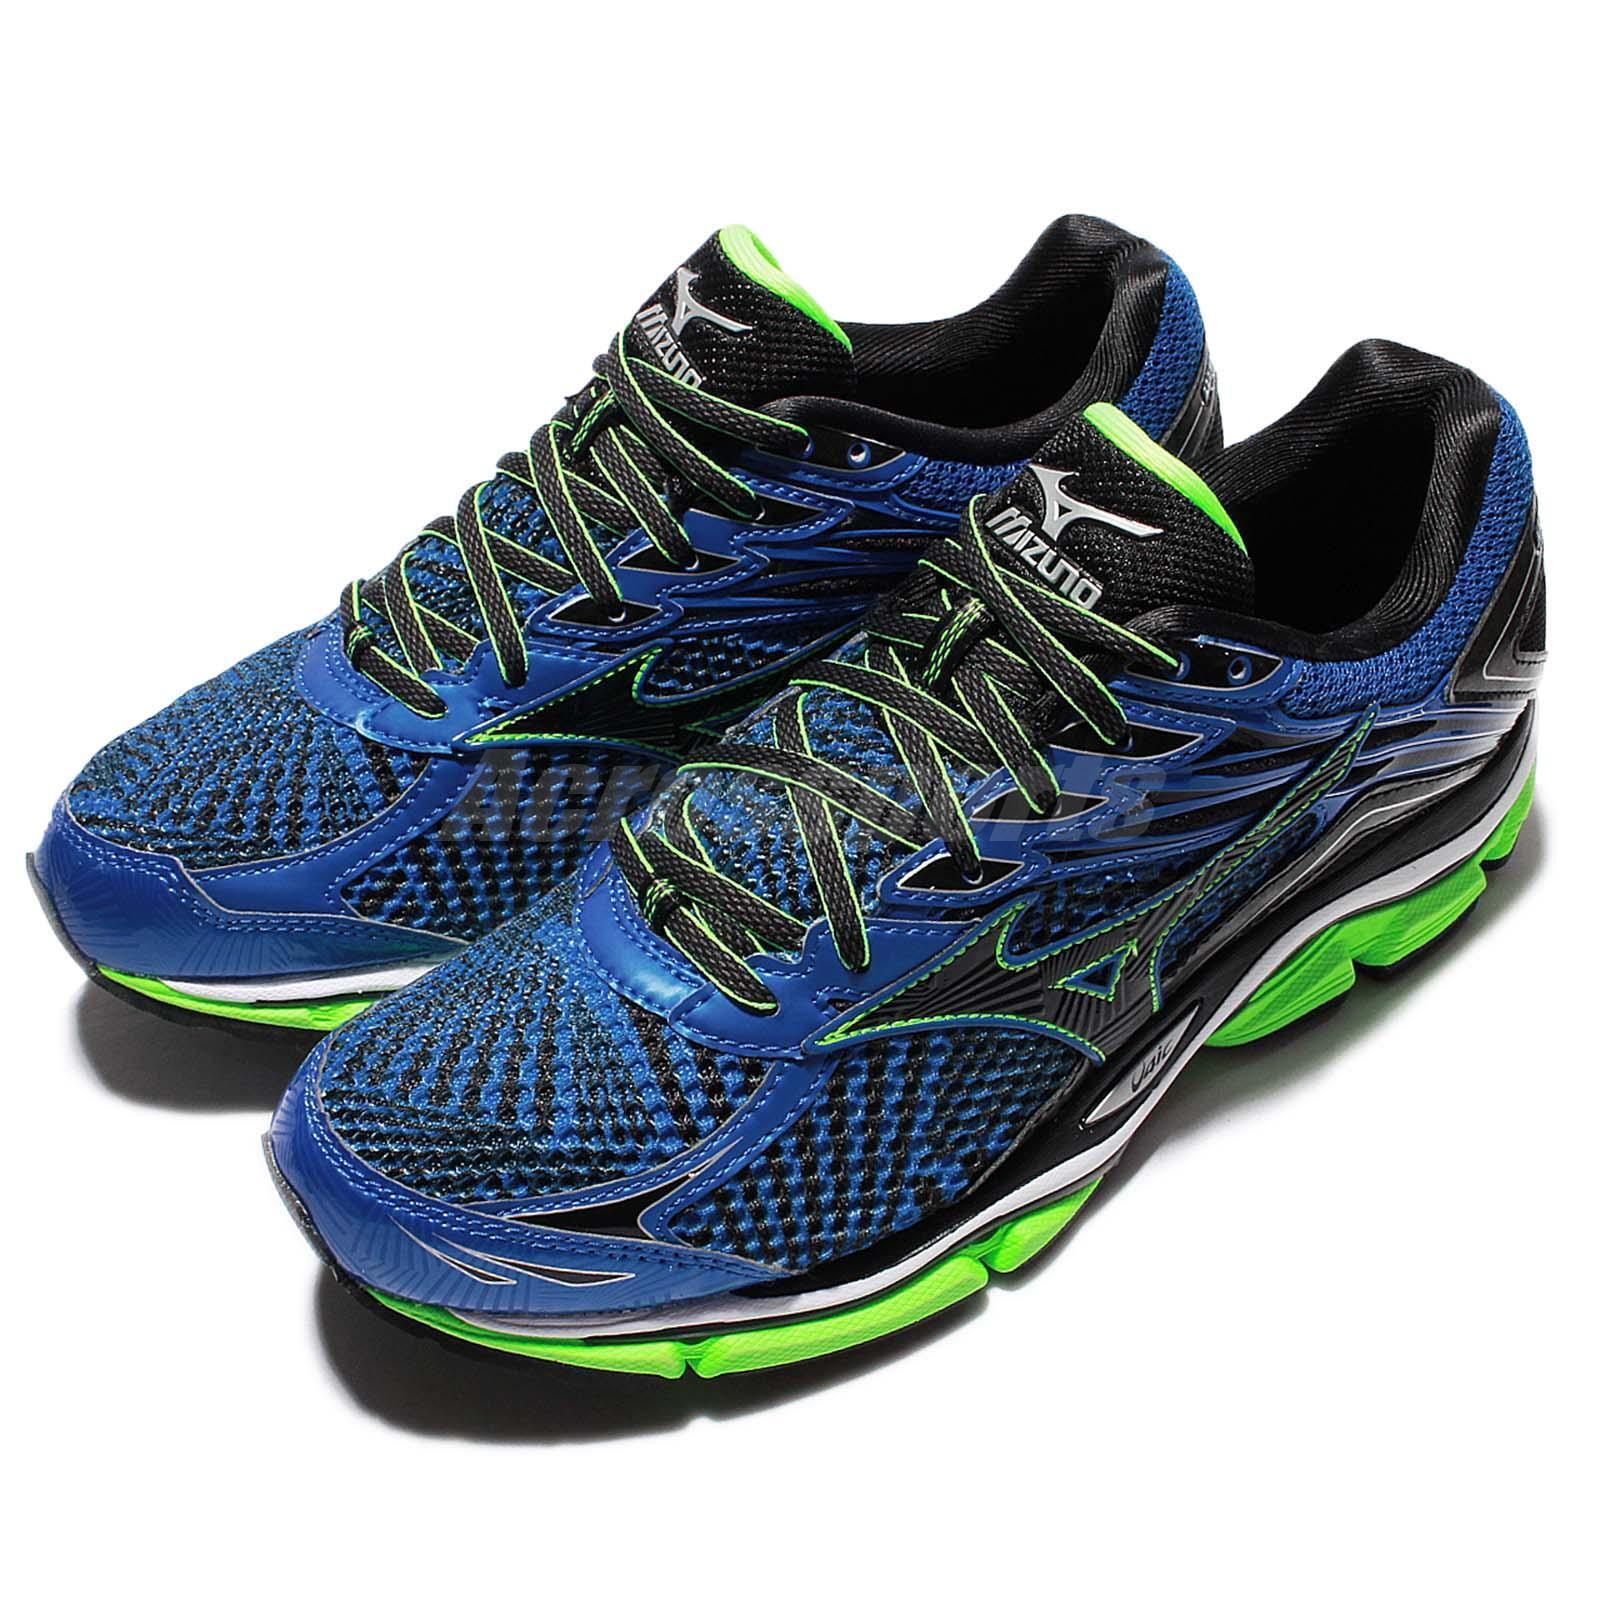 Mizuno Wave Enigma 6 VI Negro Azul verde Hombre Para Correr Zapatos Tenis J1GC16-1109